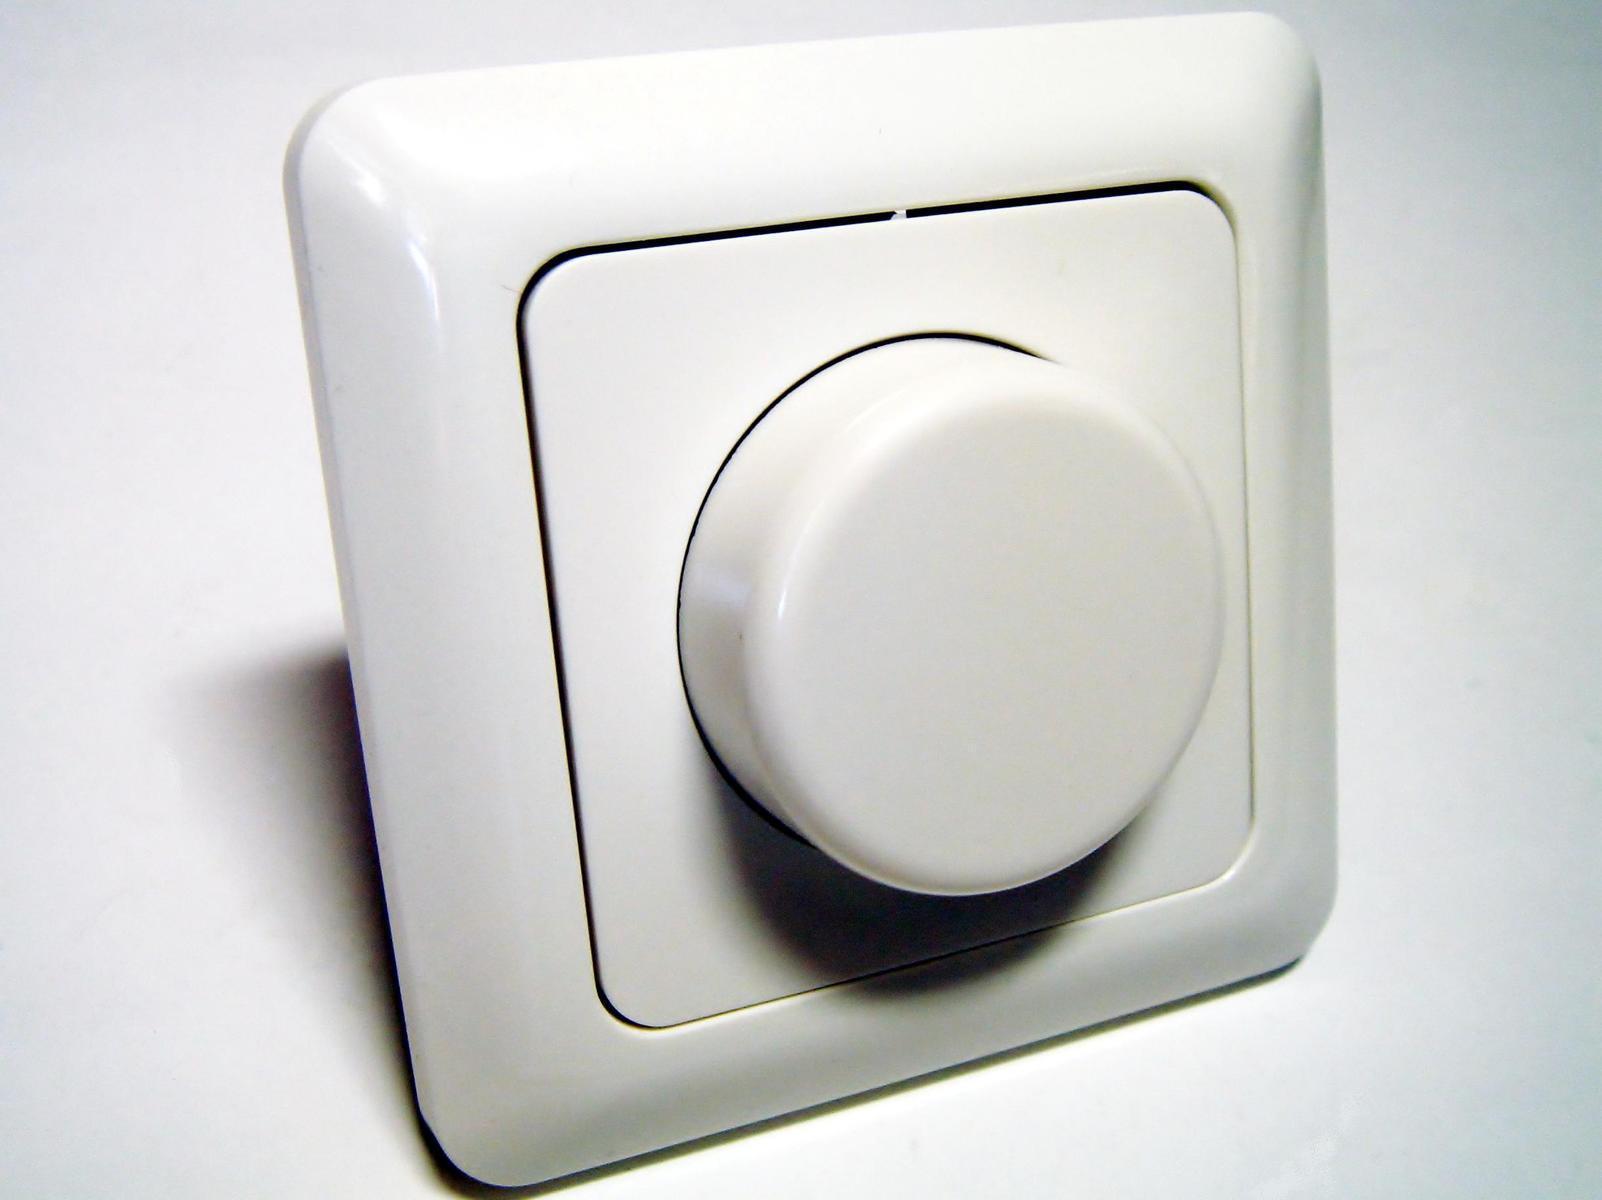 bac0a54b896 Valgusregulaator süvispaigaldusega - 15€, Berker (sari - Modul 2 ...